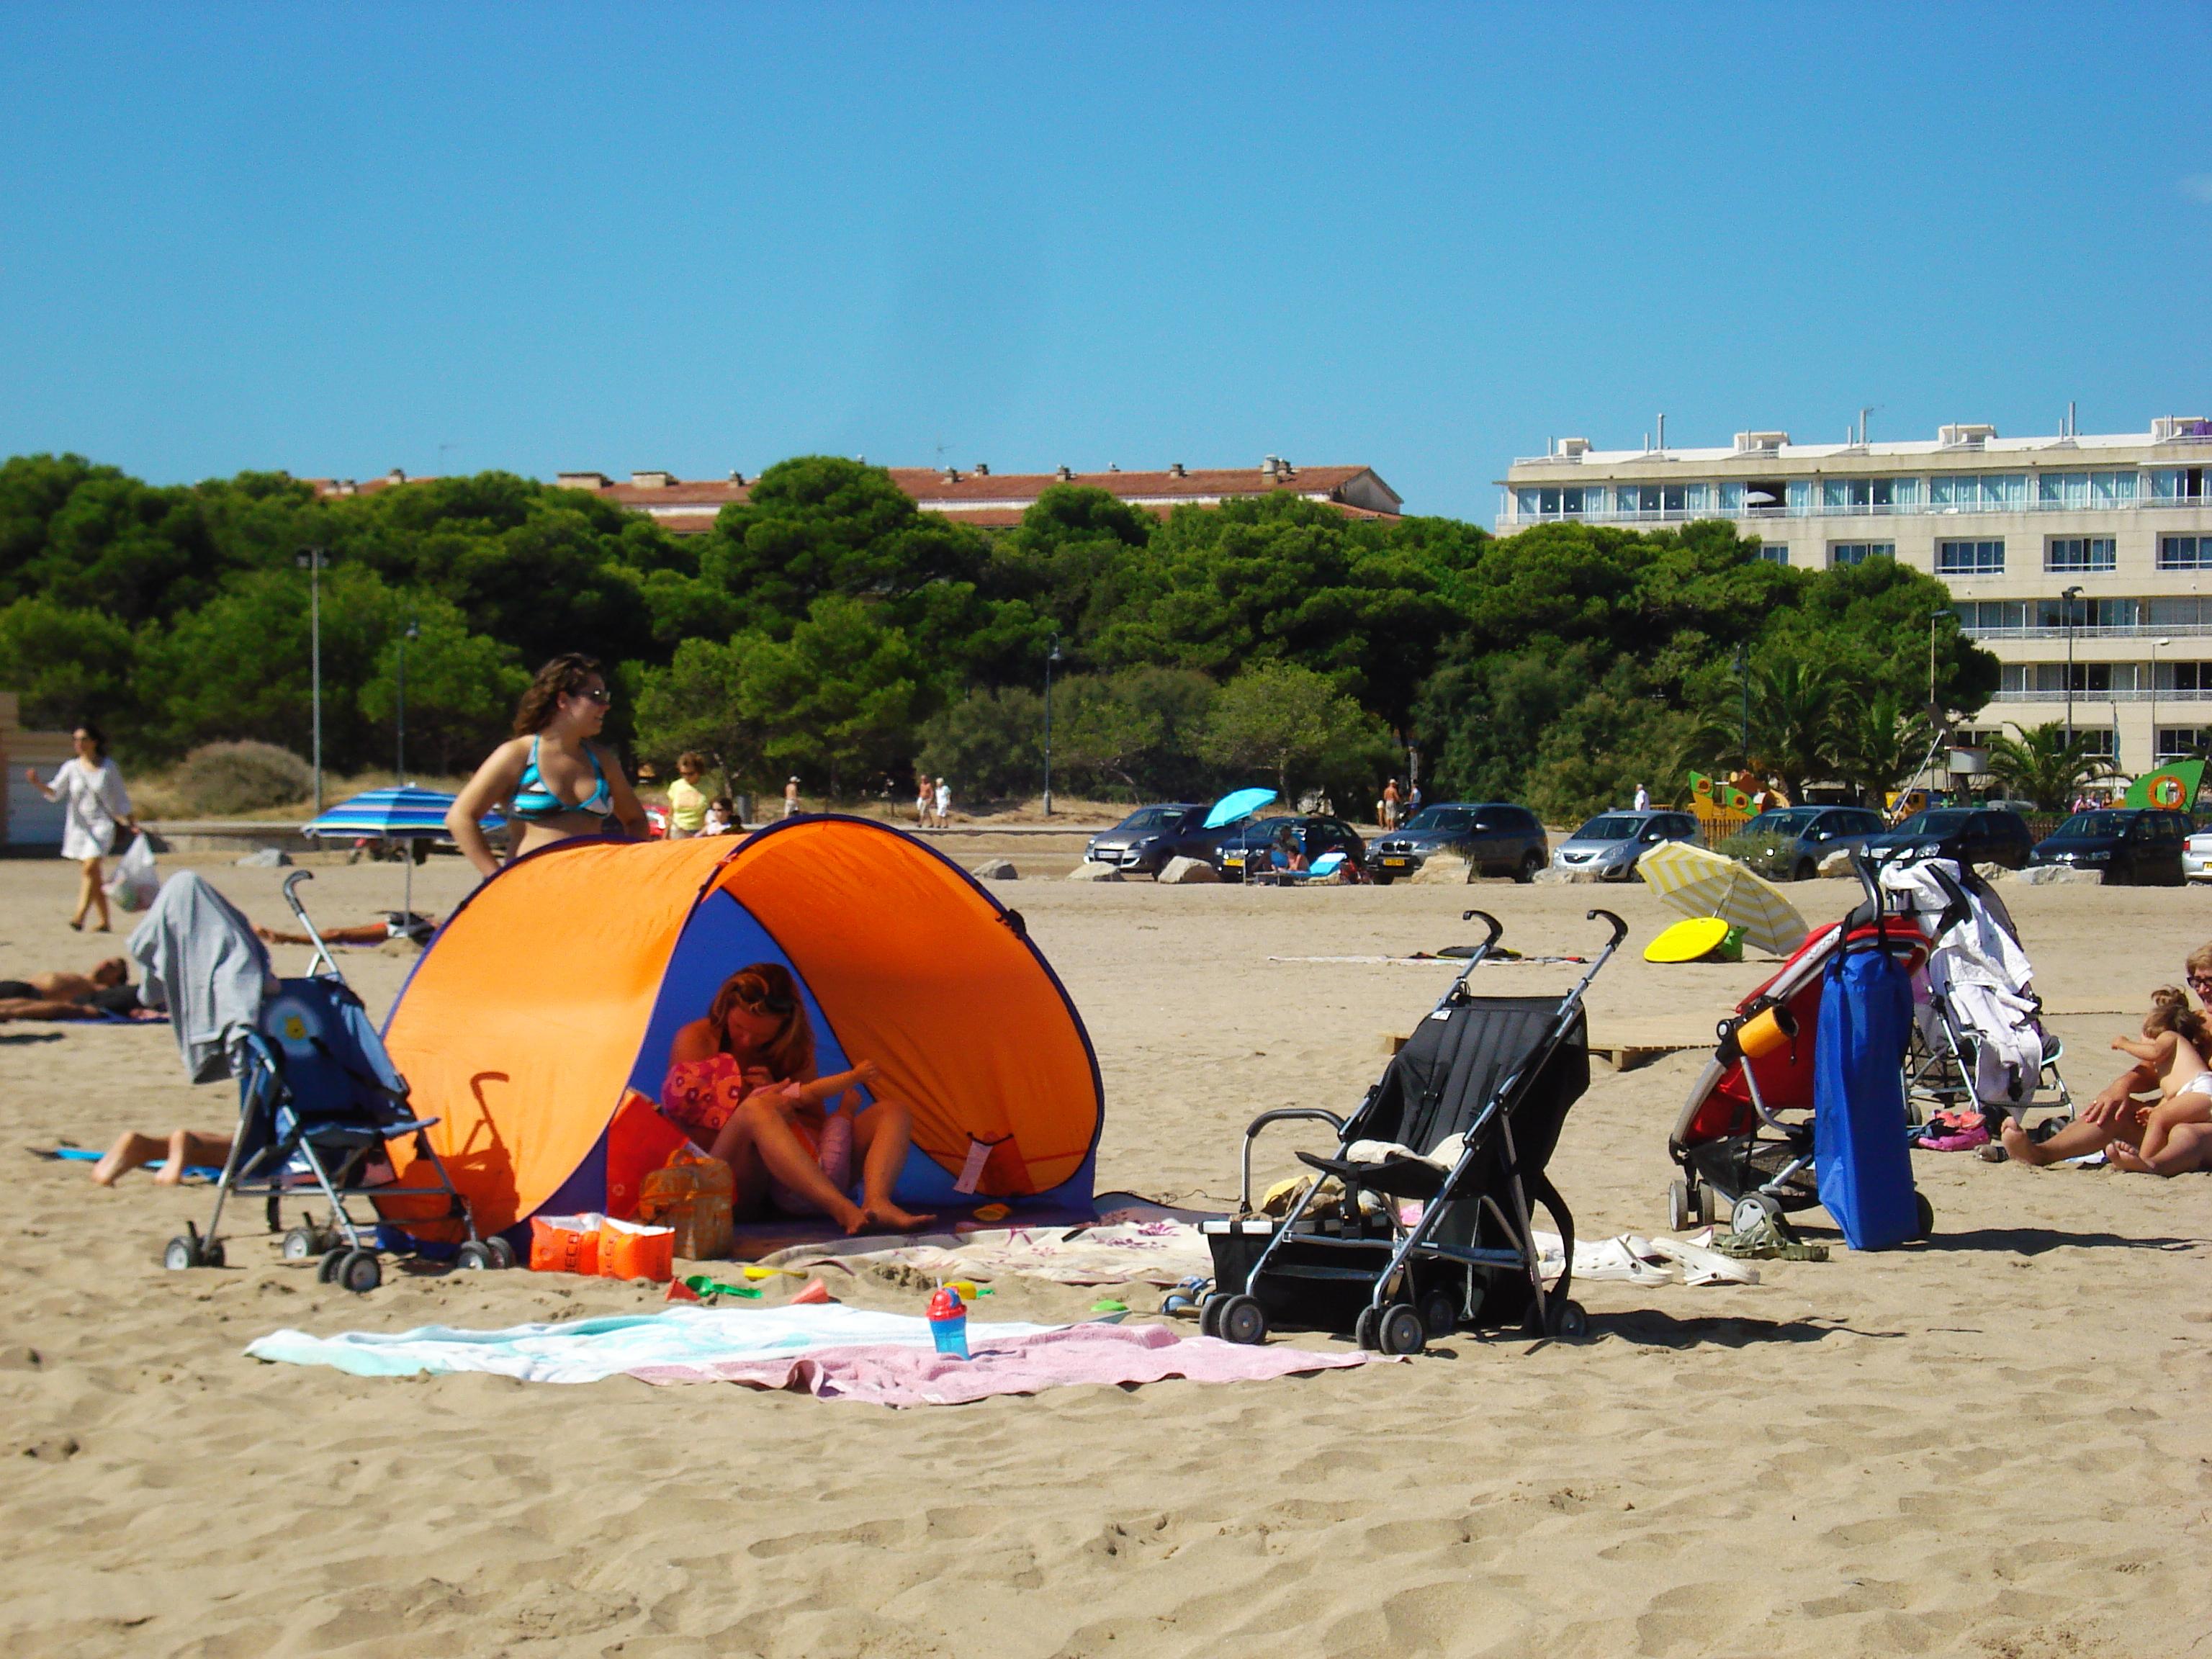 Ютуб нудисты пляж  Нудиский пляж в лазаревской в ютьюбе